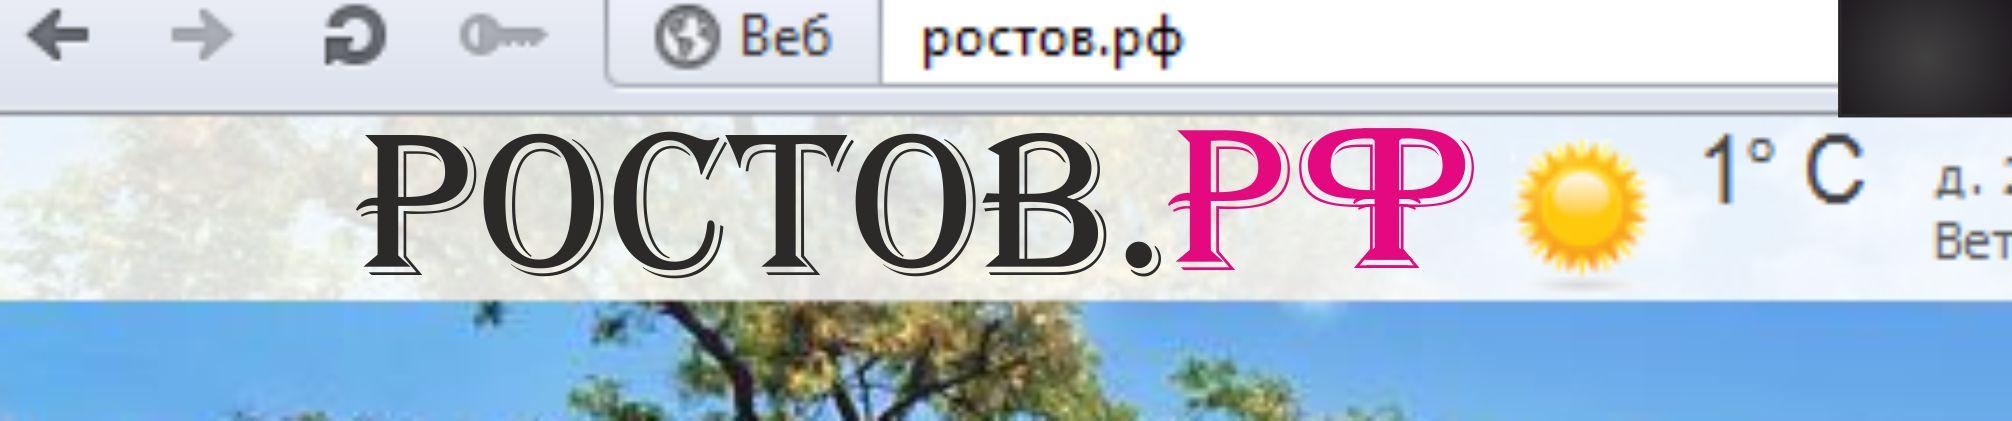 Логотип для портала Ростов.рф - дизайнер sv58